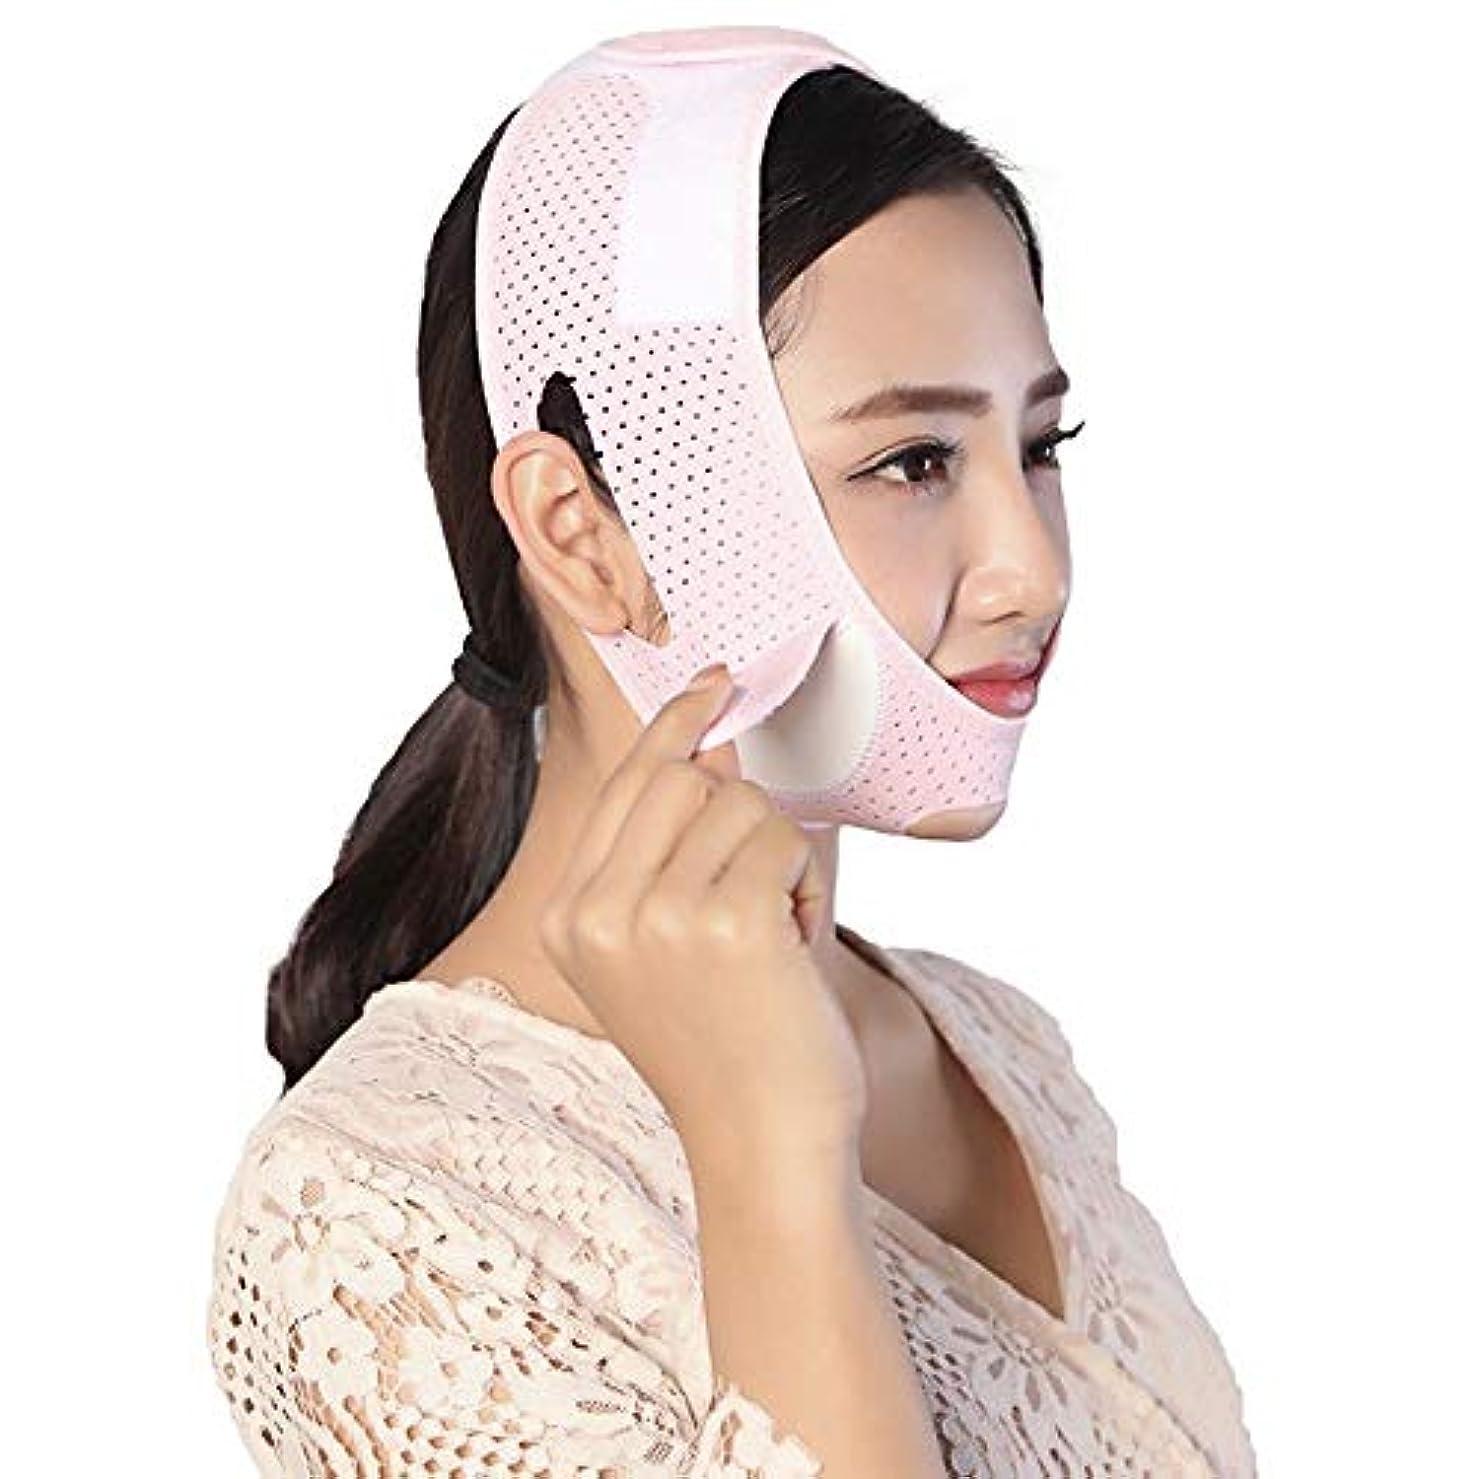 鎮静剤キャンバス矢薄い顔のバンド - 薄い顔の包帯は、ダブルの顎の法令Vをマスクするために持ち上げて睡眠マスクの通気 美しさ